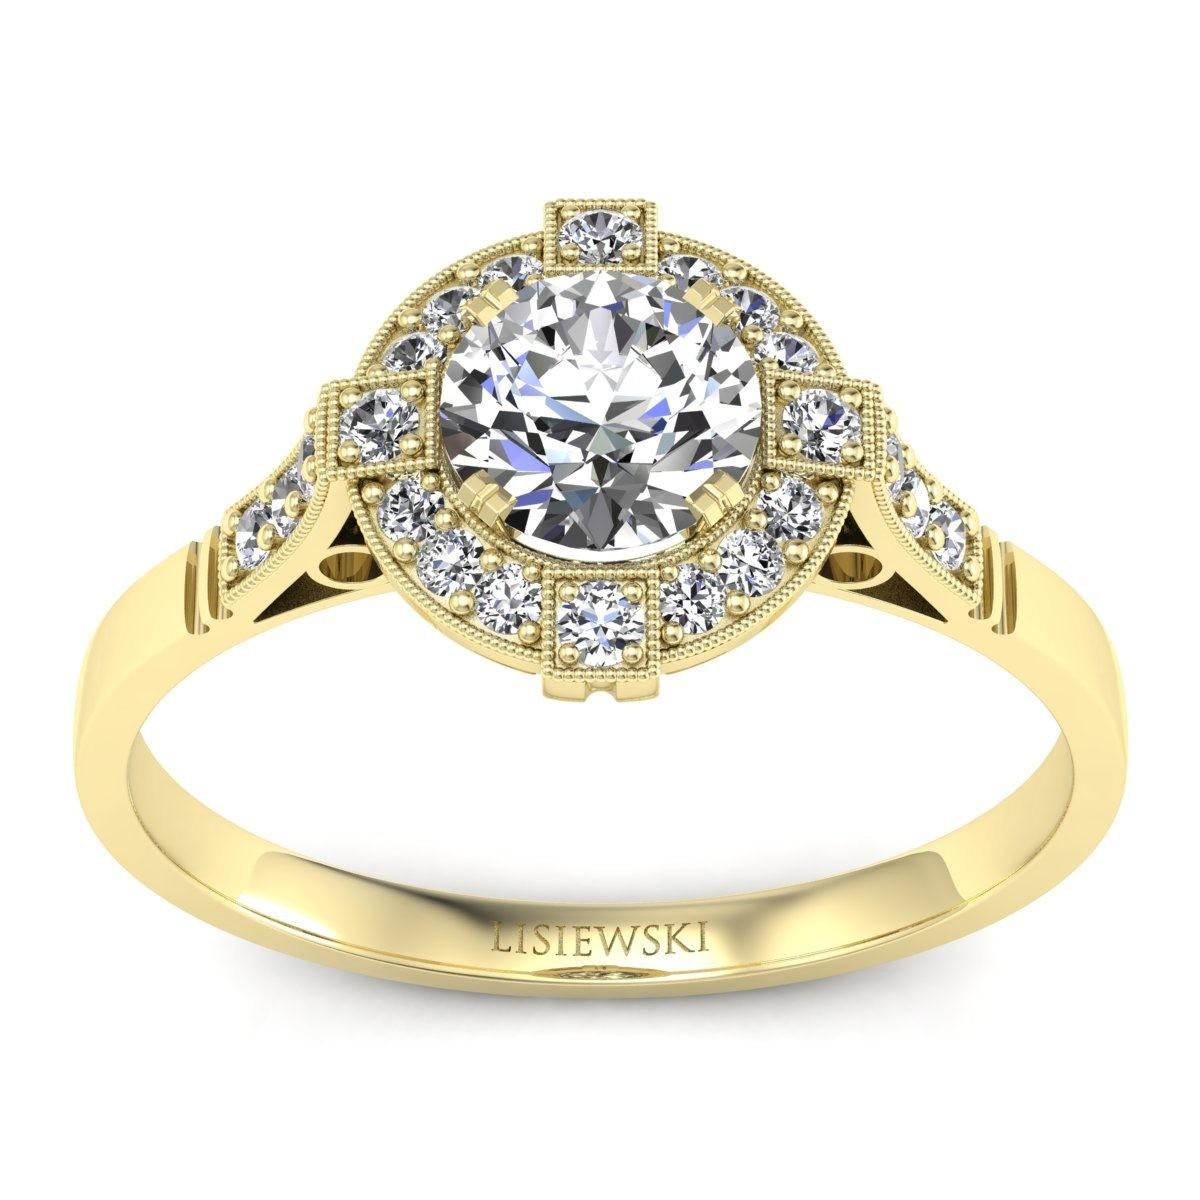 Audrey - Pierścionek z diamentami żółte złoto